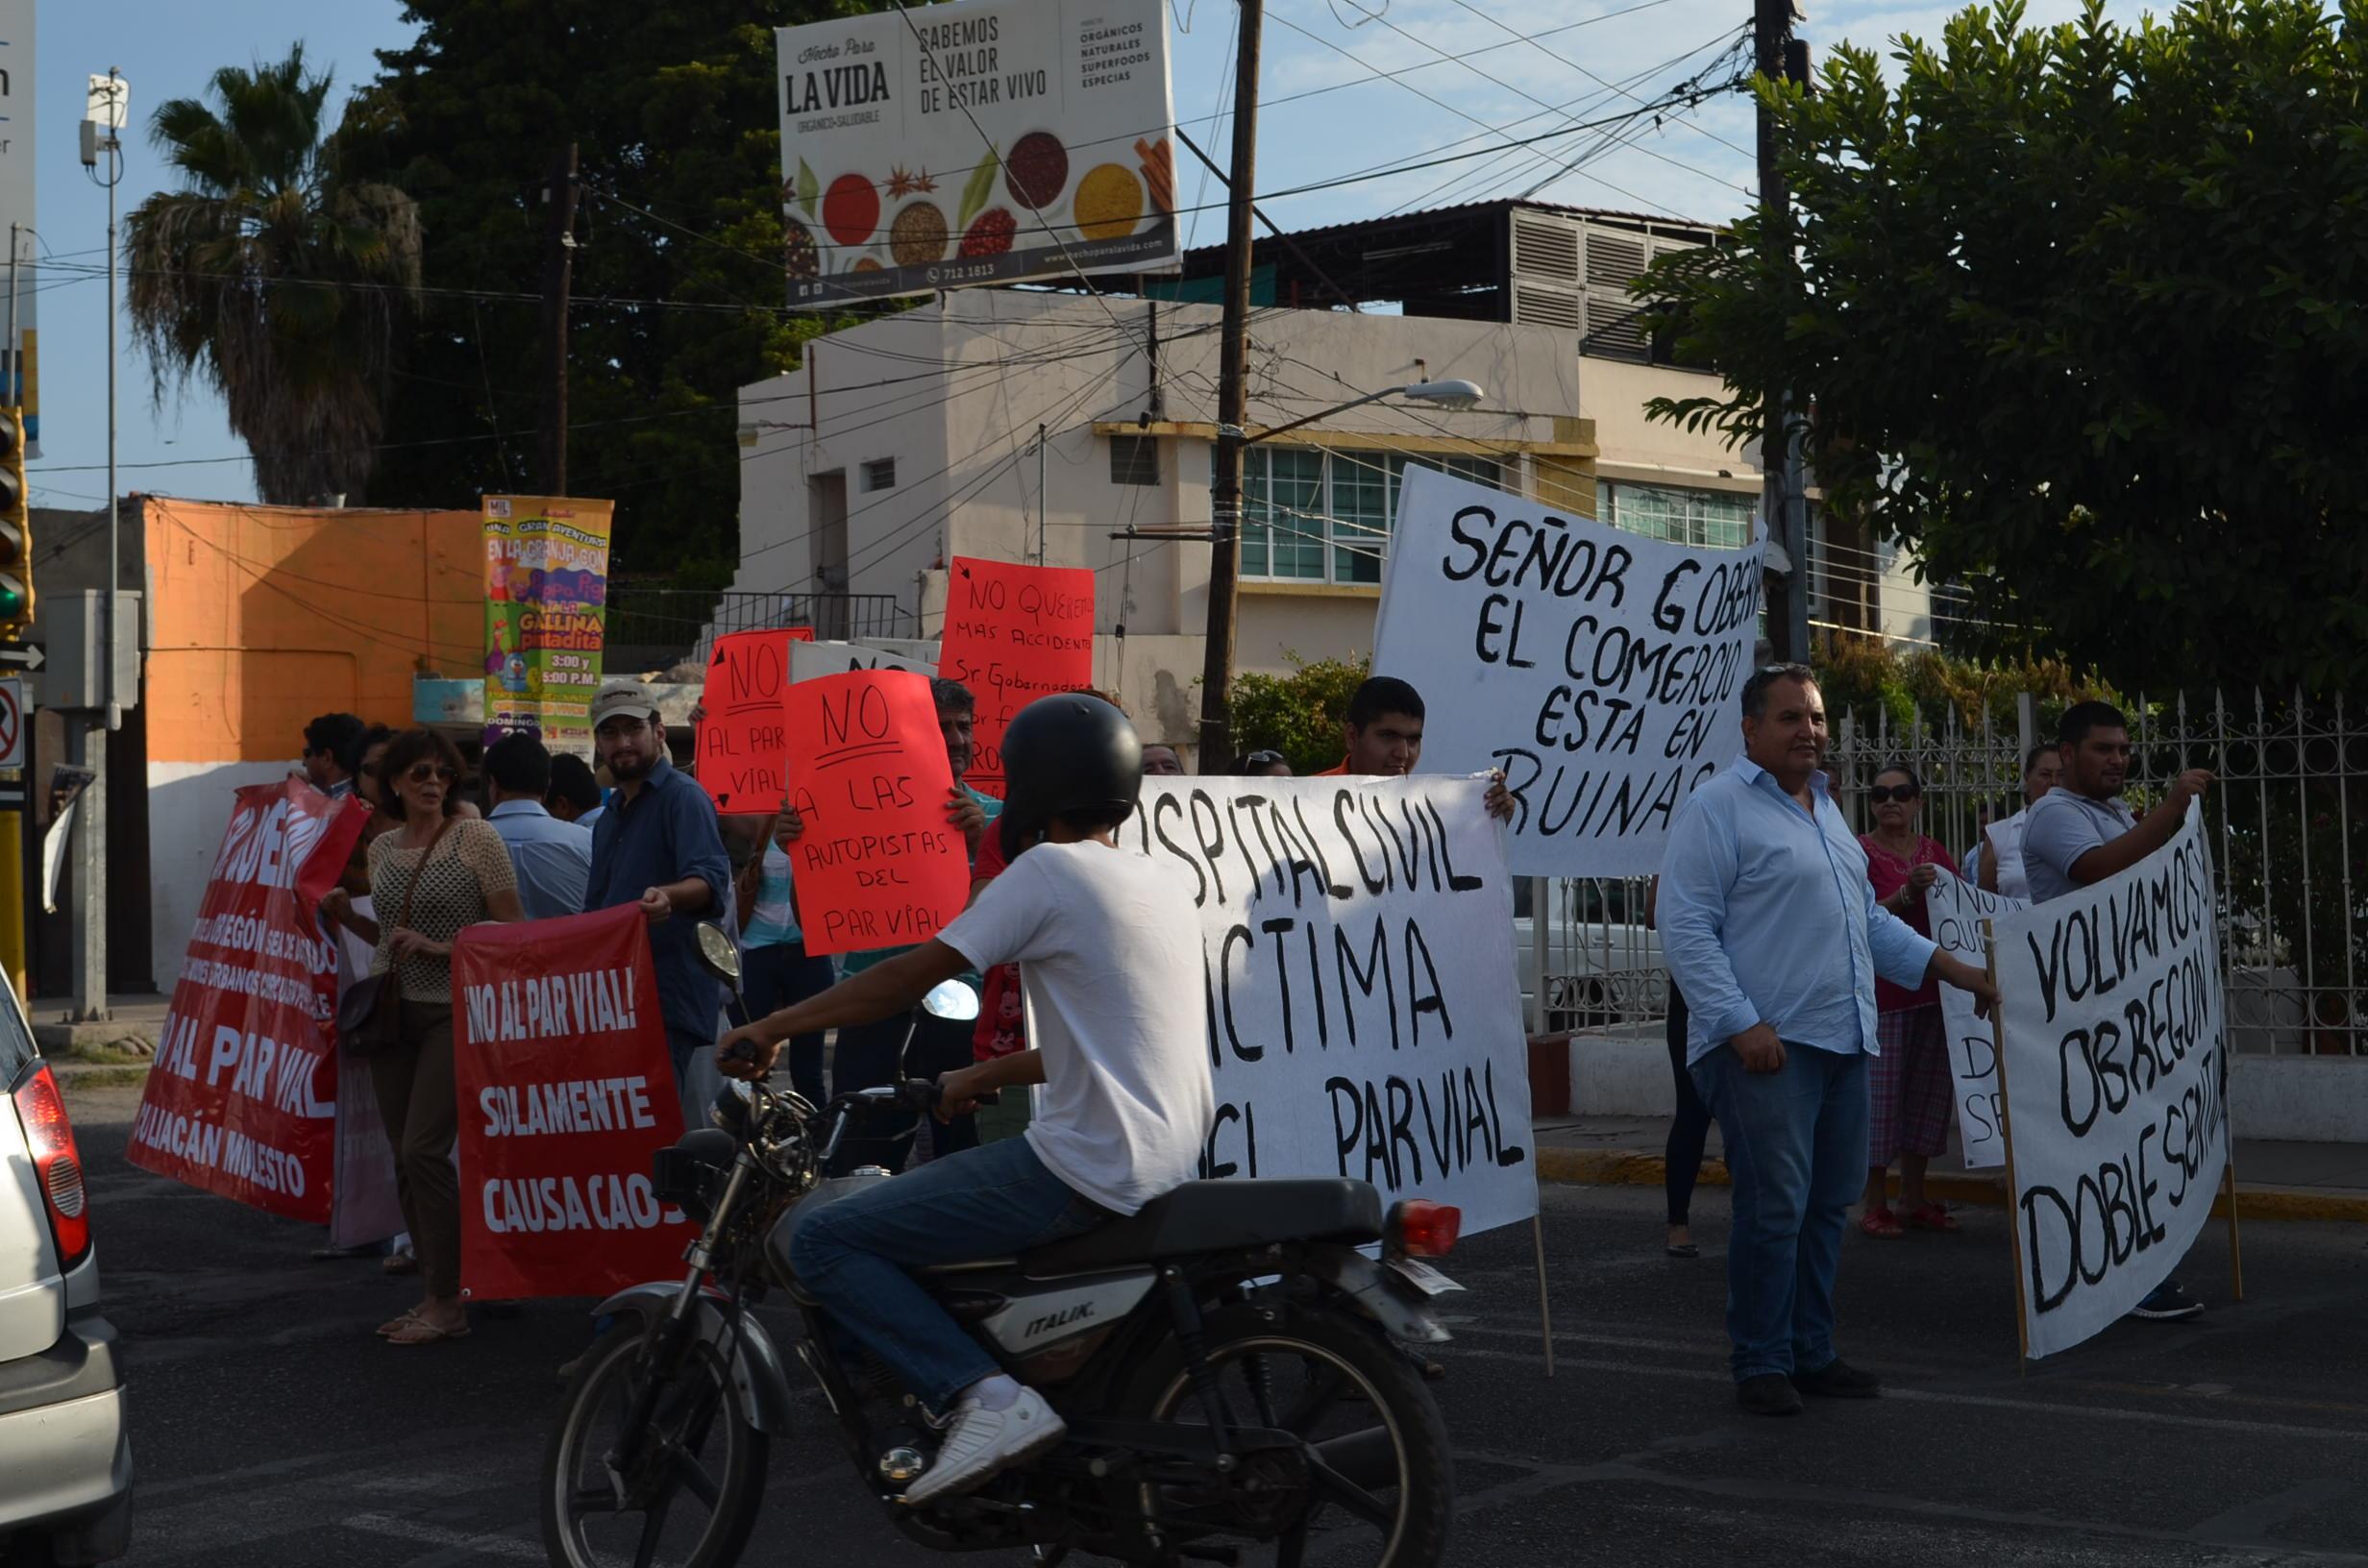 Los protestantes aseveran que tomarán las medidas necesarias para que la avenida Álvaro Obregón sea de dos sentidos. Fotografía: Gabriela Sánchez